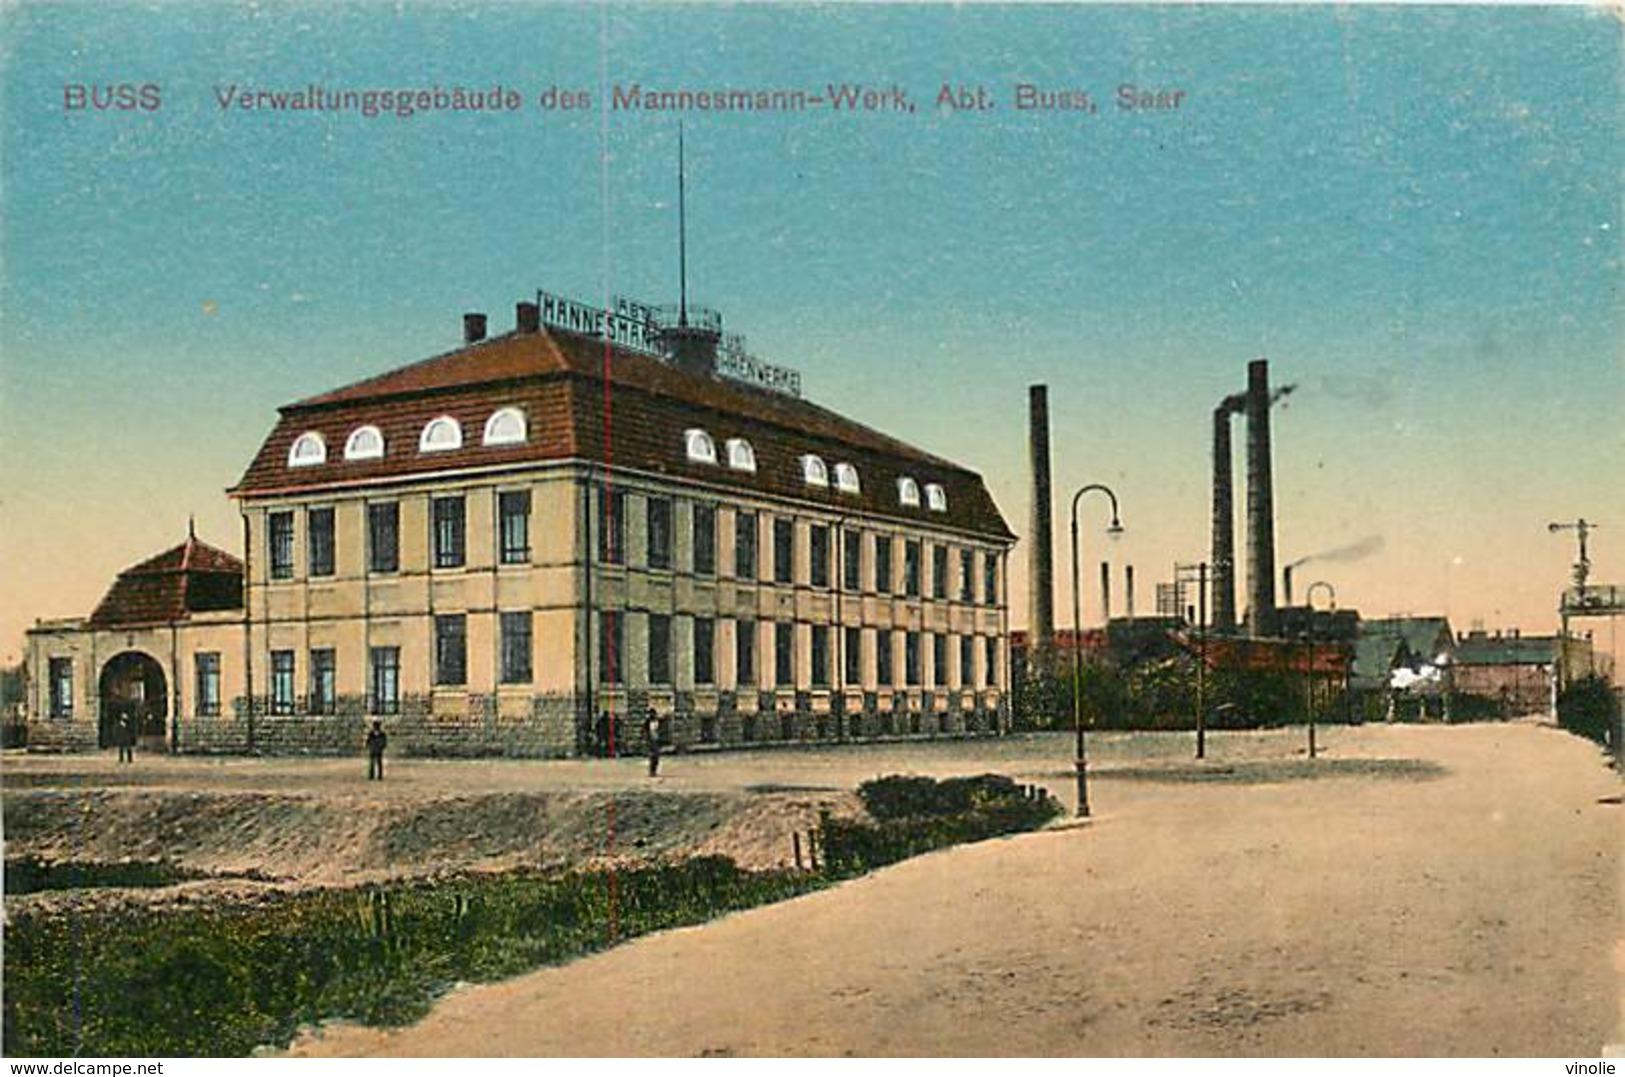 PIE-R-18-1422 : BUSS VERWALUNGSGEBÄUDE DES MANNESMANN-WERK. ABT . BUSS. SAAR. - Altri